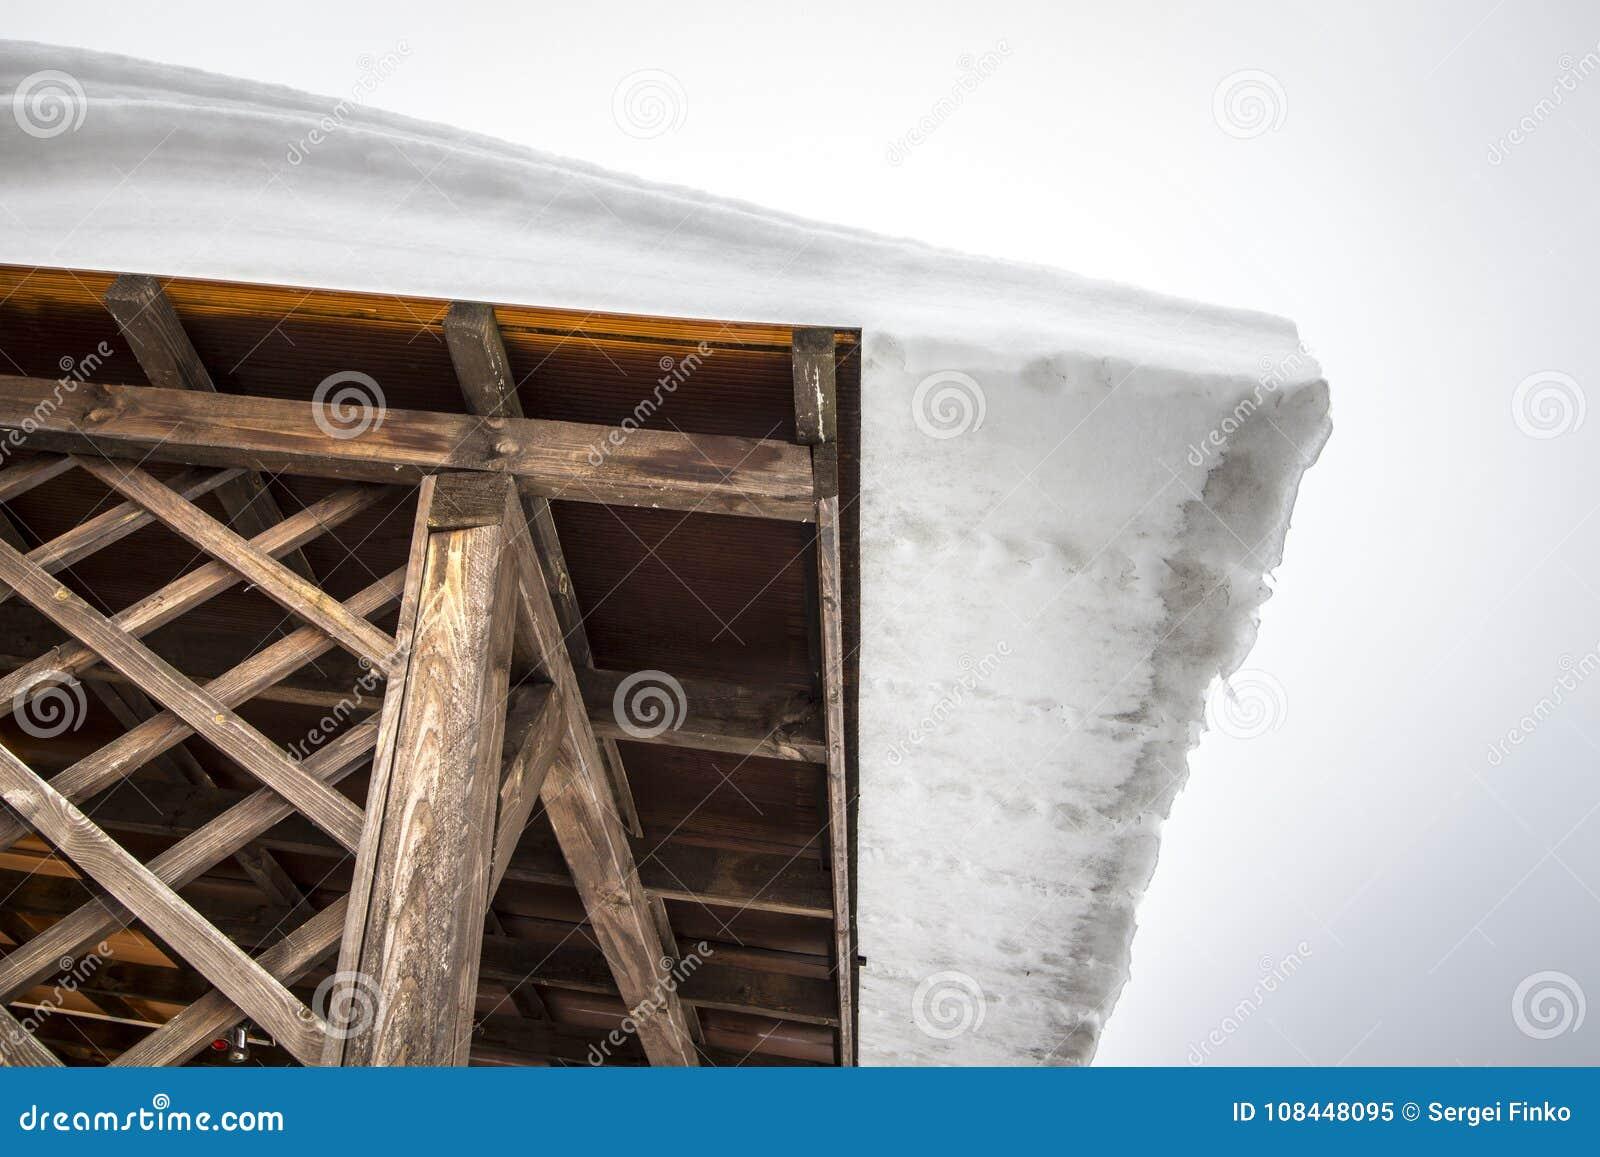 Nieve En La Azotea Imagen De Archivo Imagen De Problema